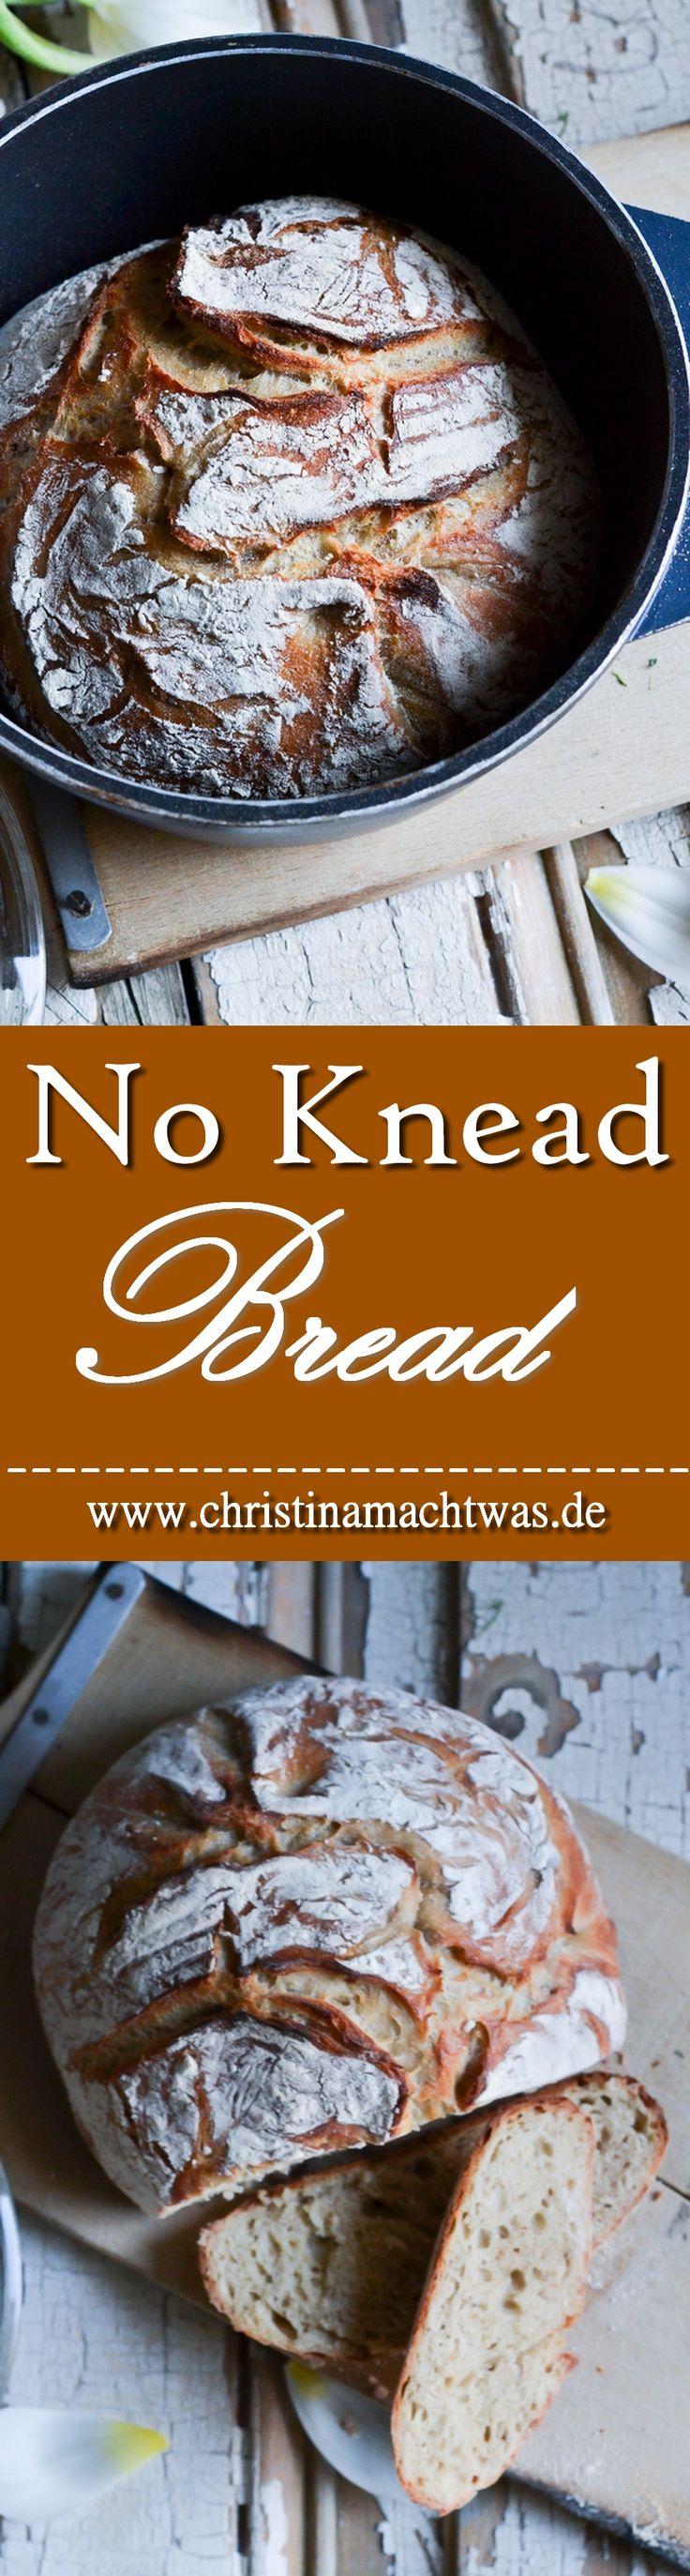 Einfaches No Knead Bread / Topfbrot. Schnell, einfach und günstig. --- Low Budget friendly No knead Bread Recipe.